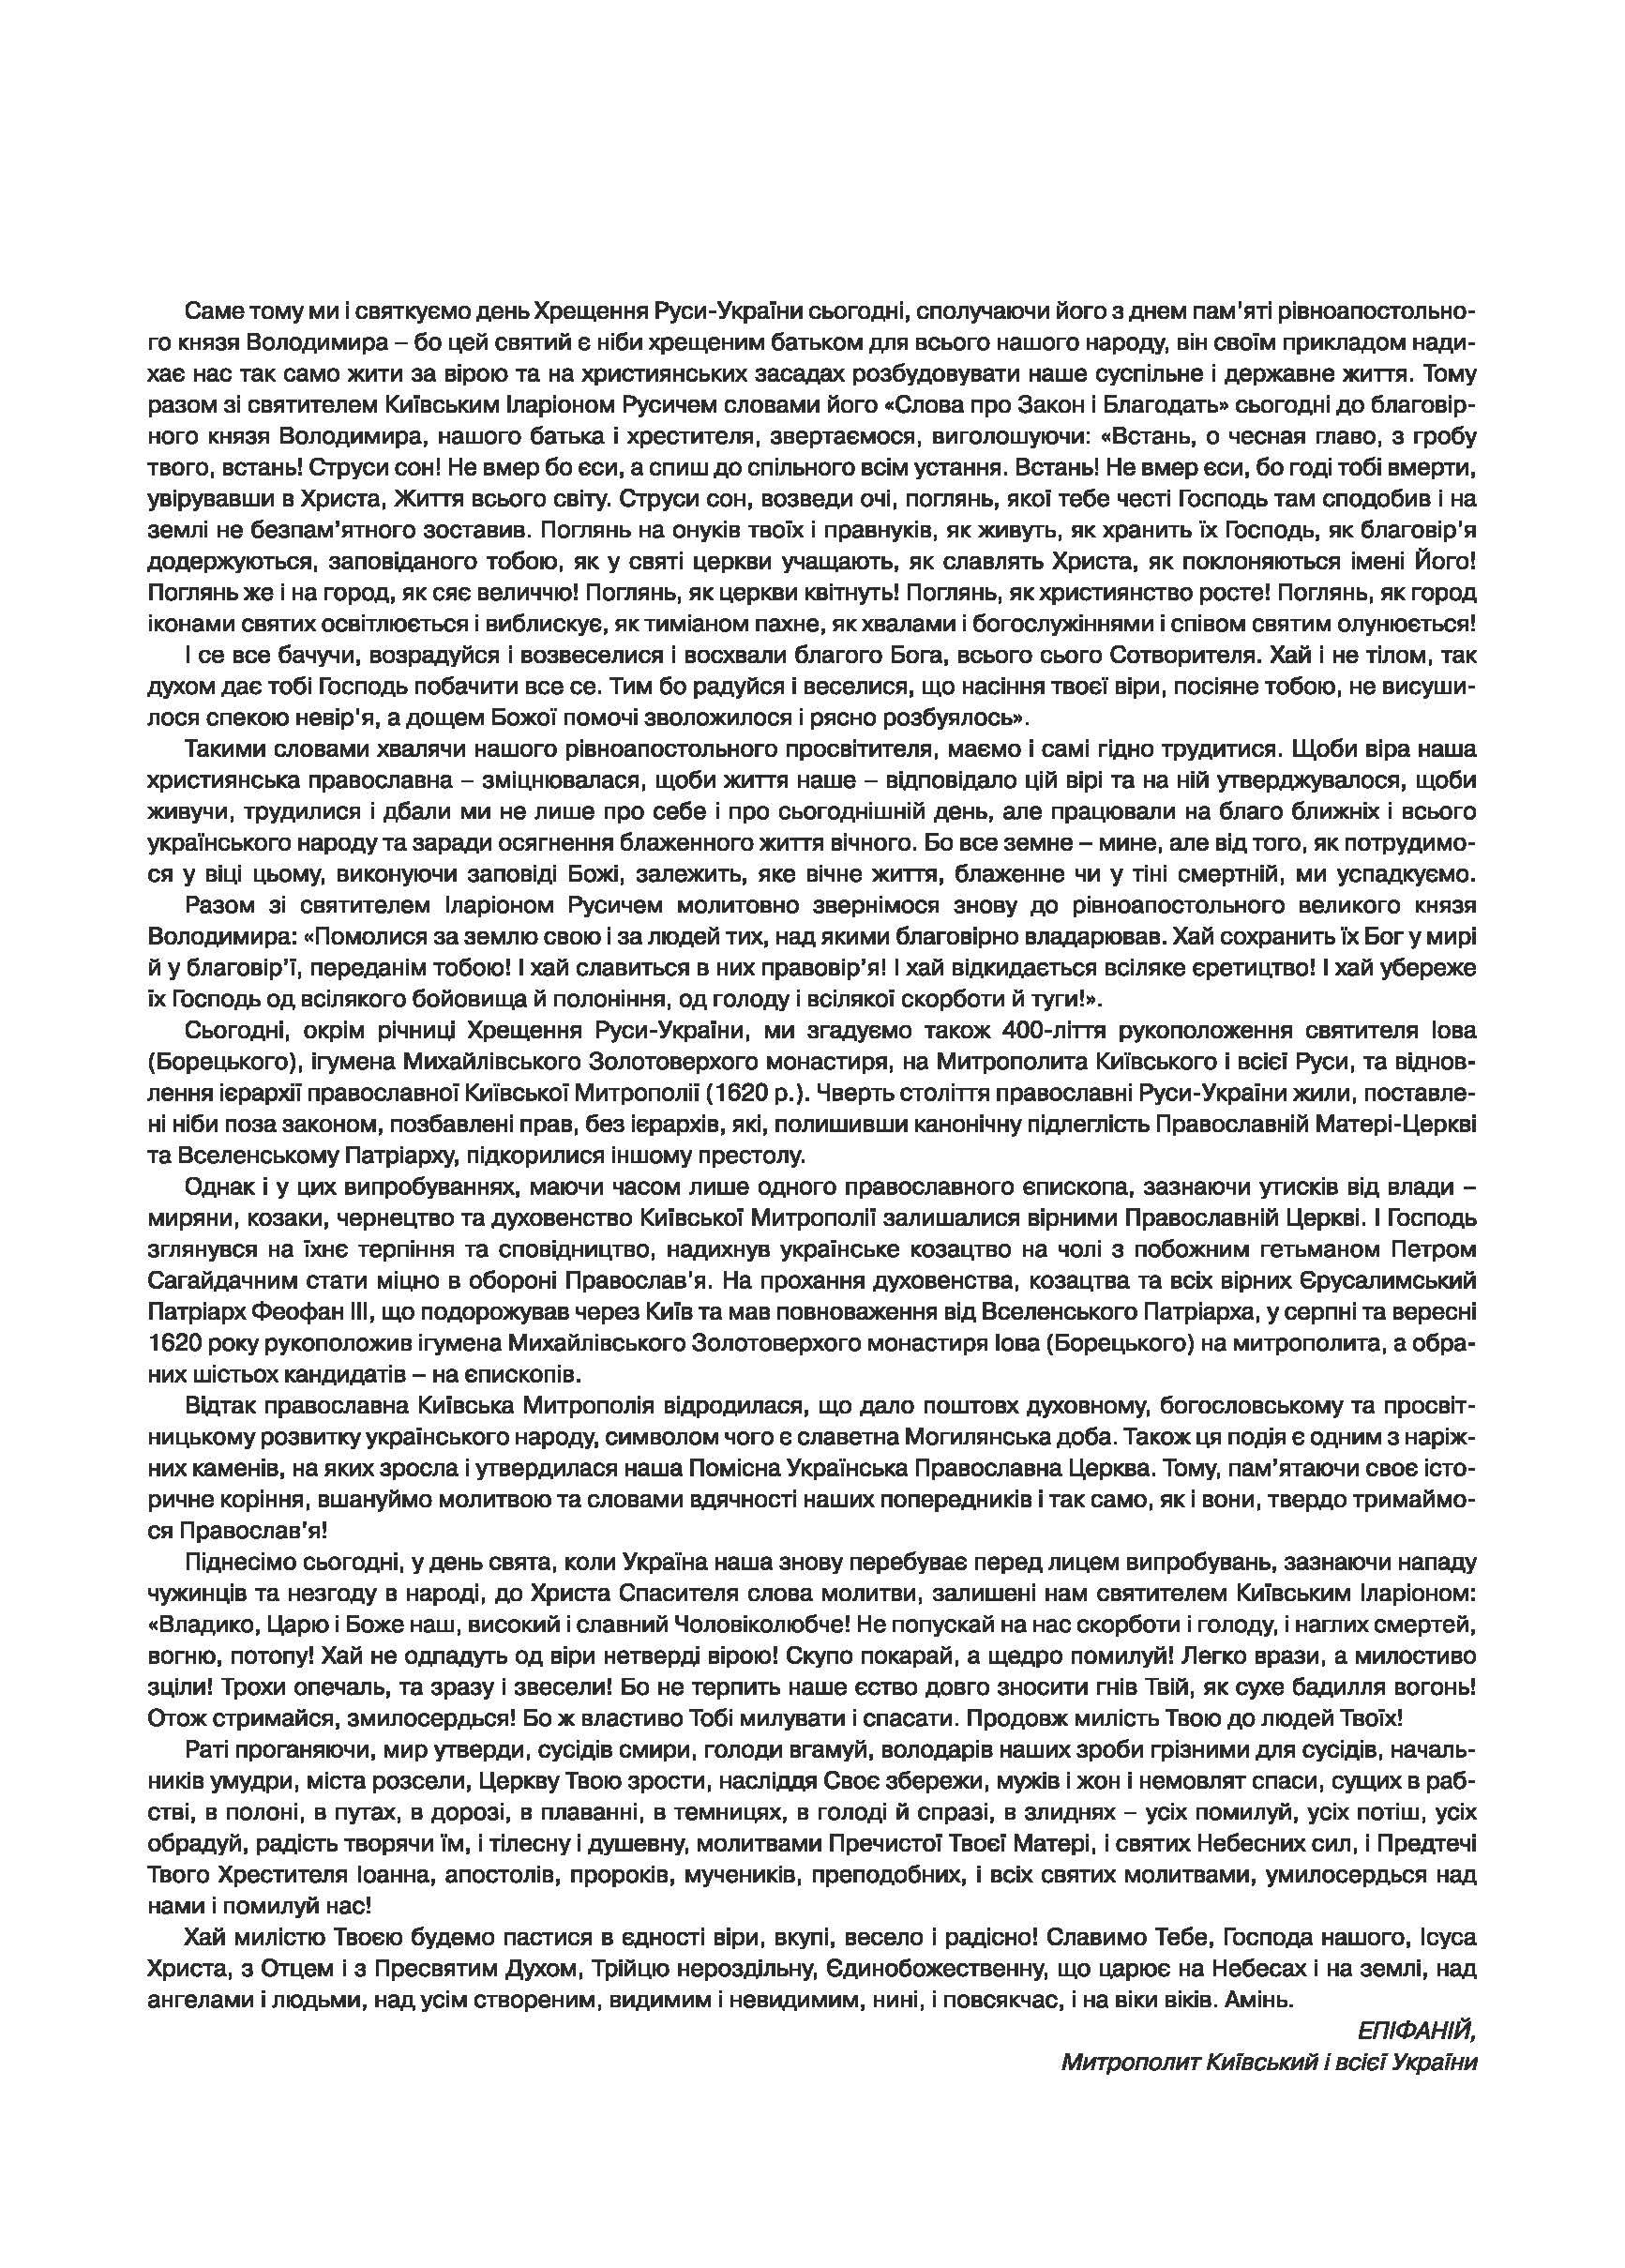 400 років з часу відновлення православної ієрархії у Києві та обрання Київським православним митрополитом Йова Борецького (1620)